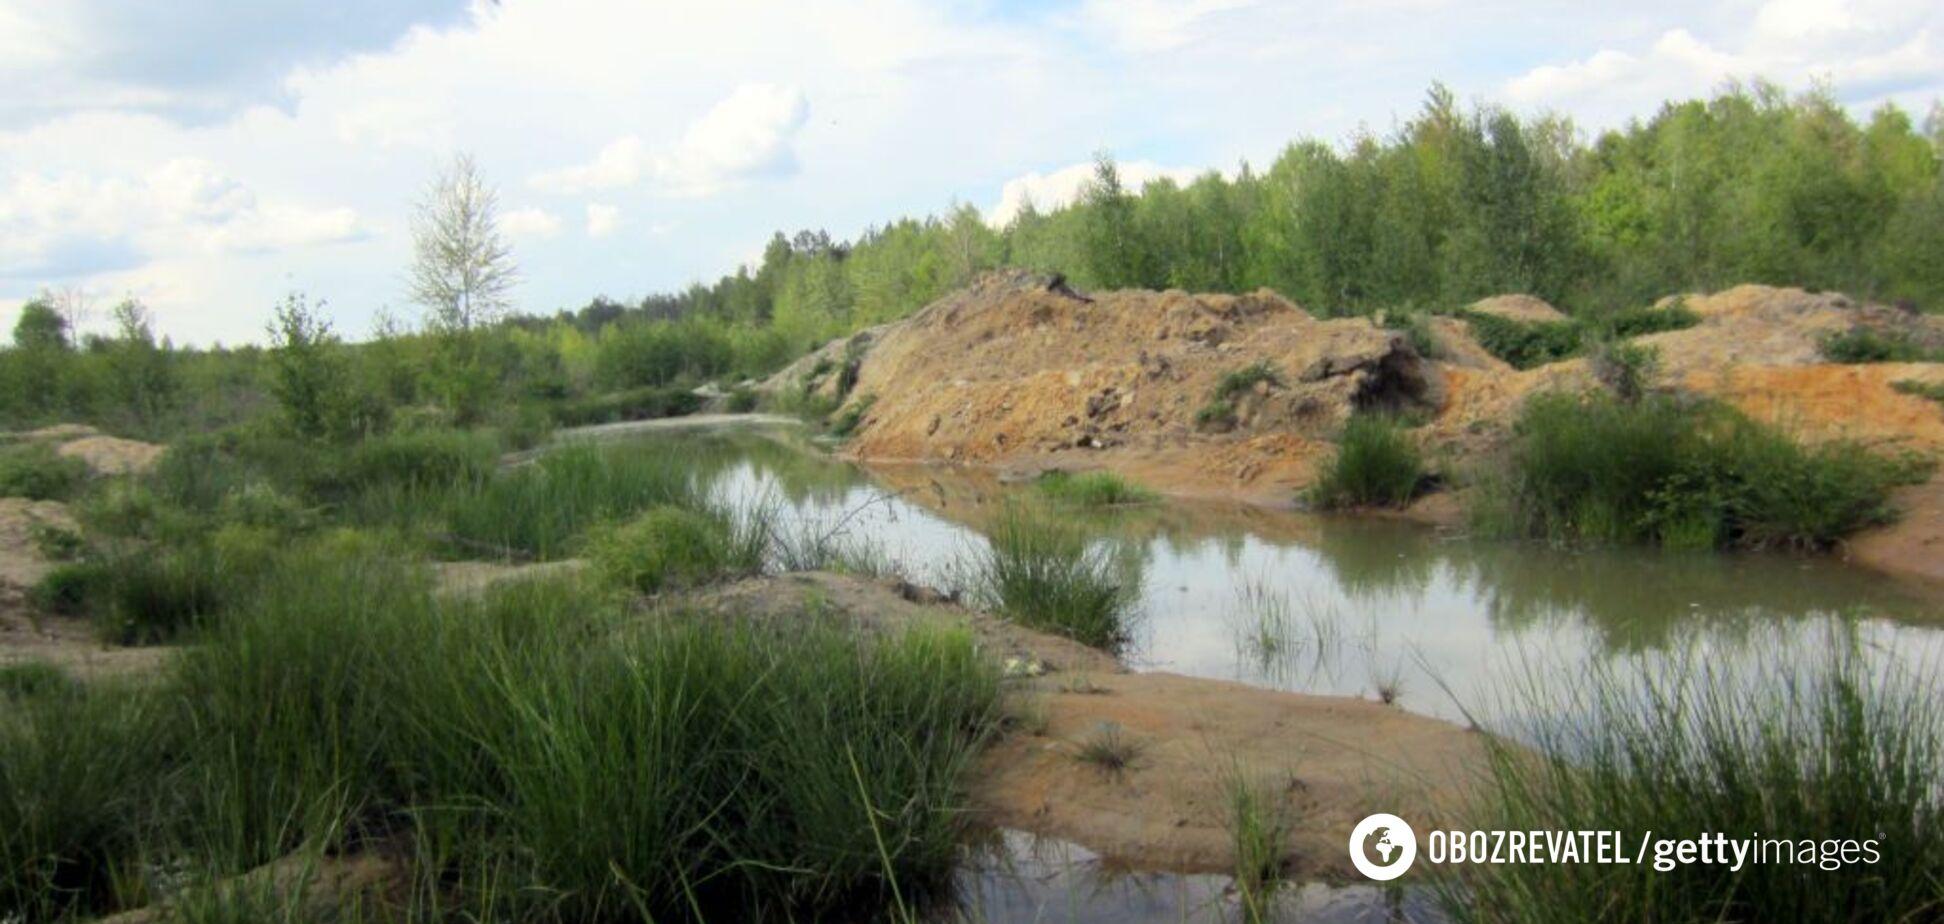 'Отримаємо місячні ландшафти': копачів бурштину звинуватили в екологічній катастрофі